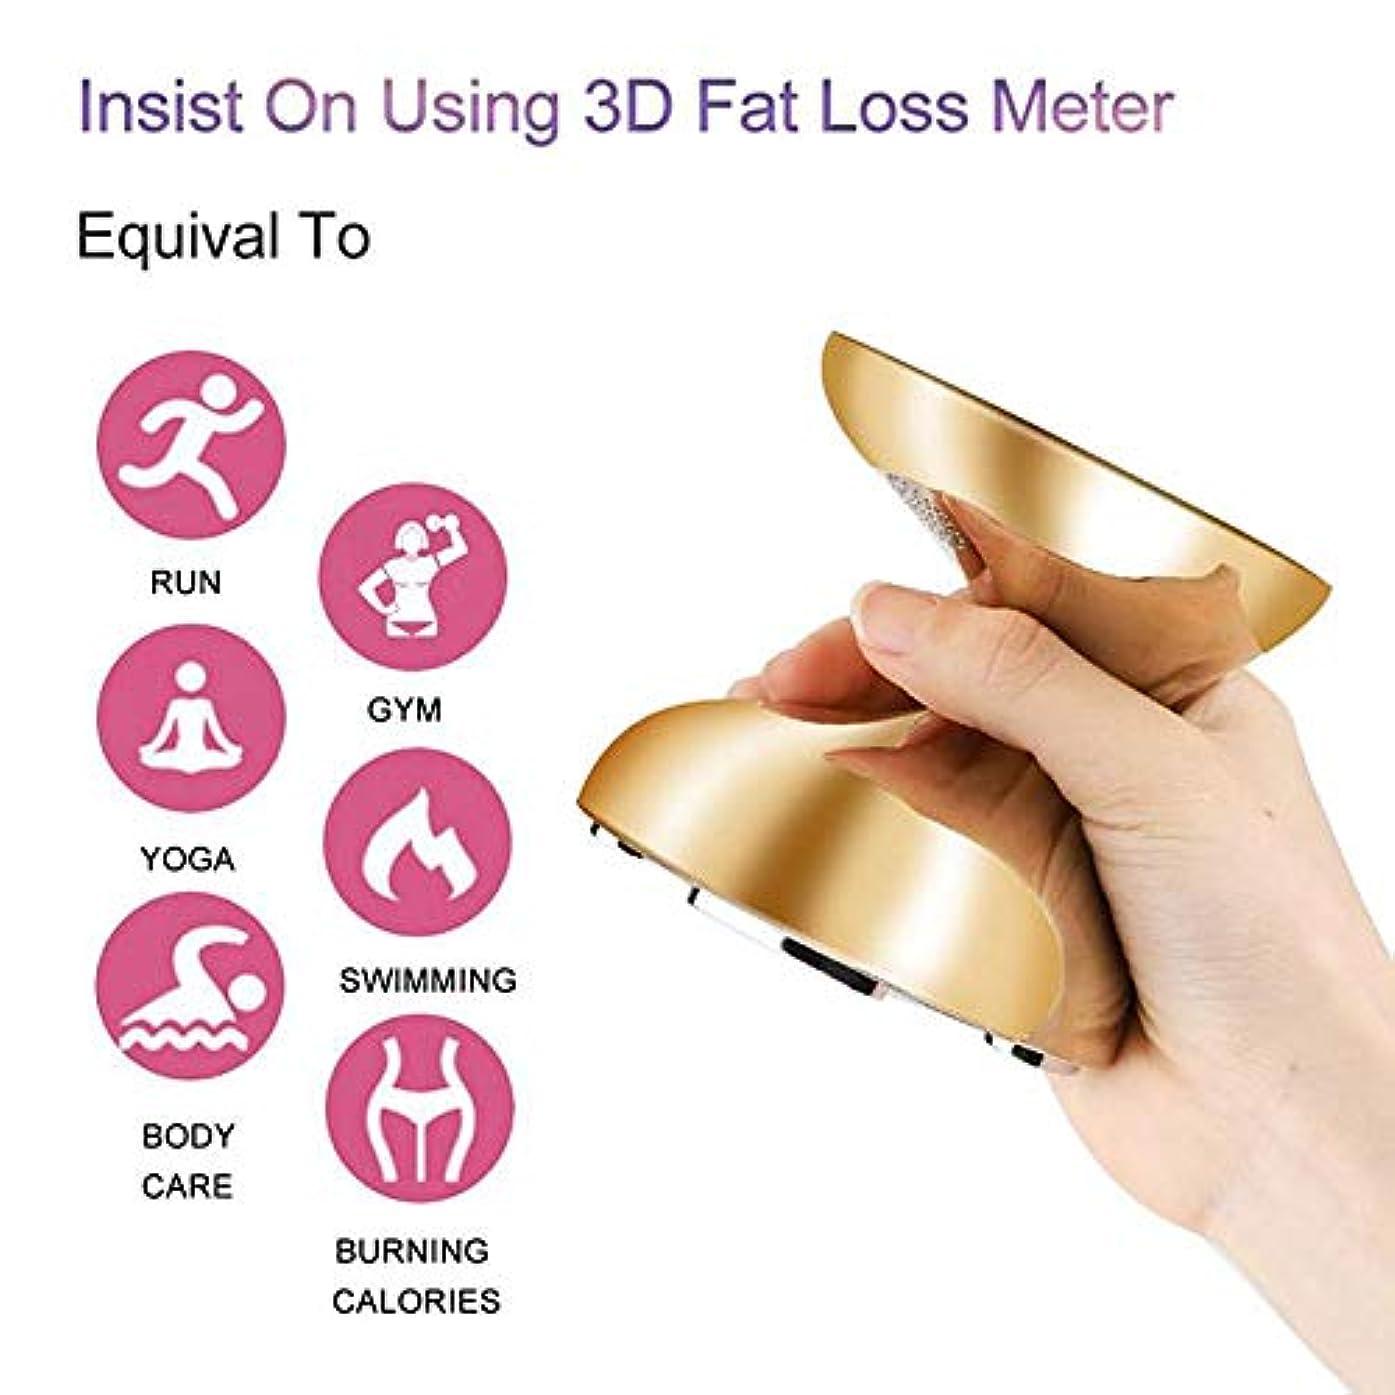 危険な起こりやすいゆでる美容痩身ボディ楽器多機能 RF 超音波皮膚リフティング若返り脂肪バーナー高周波機器,Gold